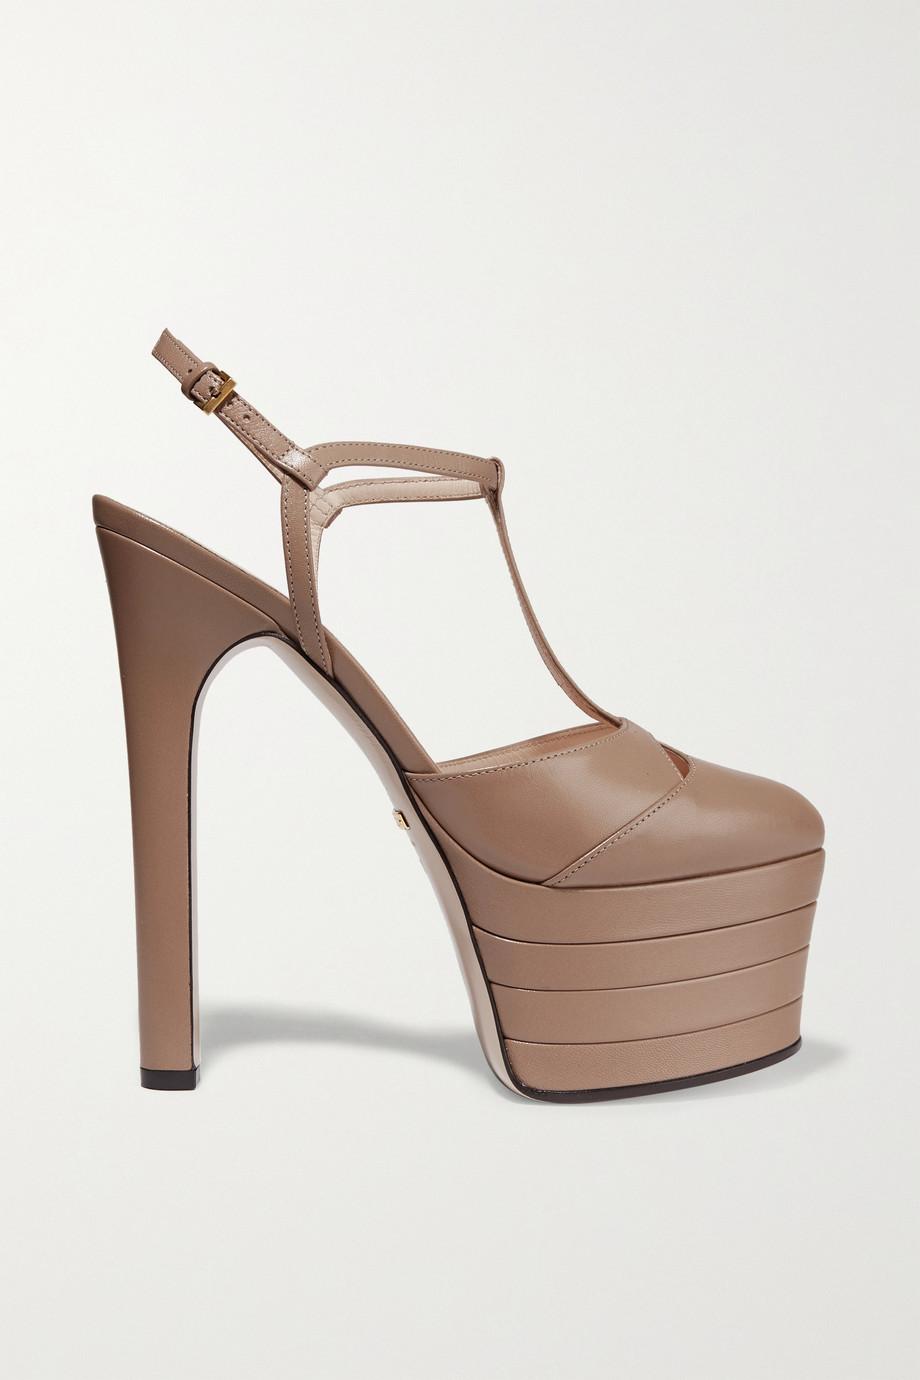 Gucci Leather platform pumps